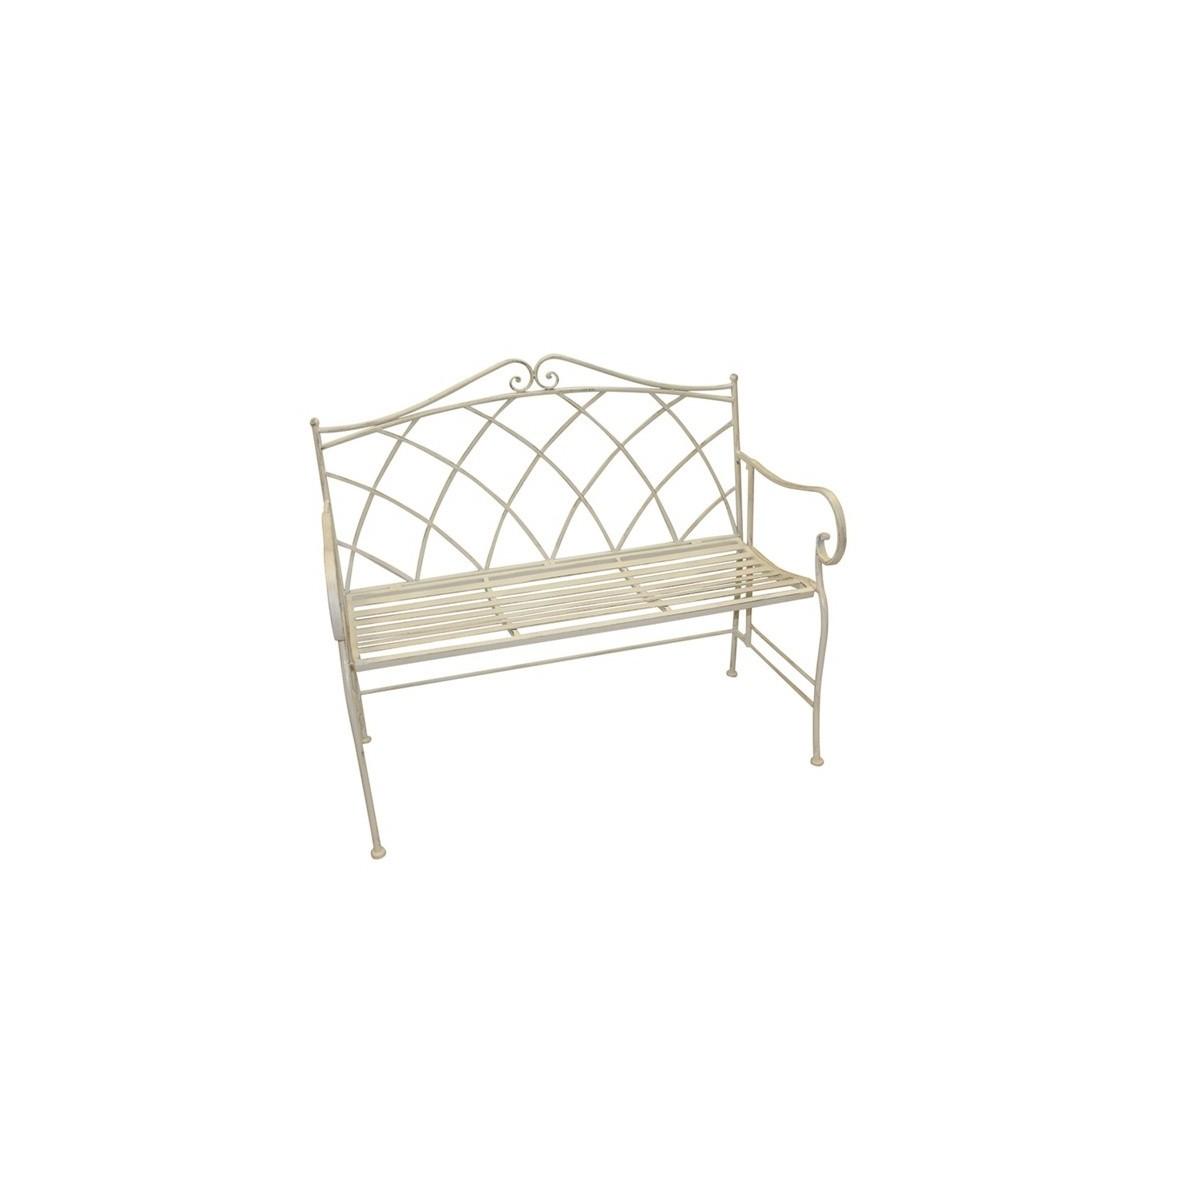 Metal Garden Bench in Ivory